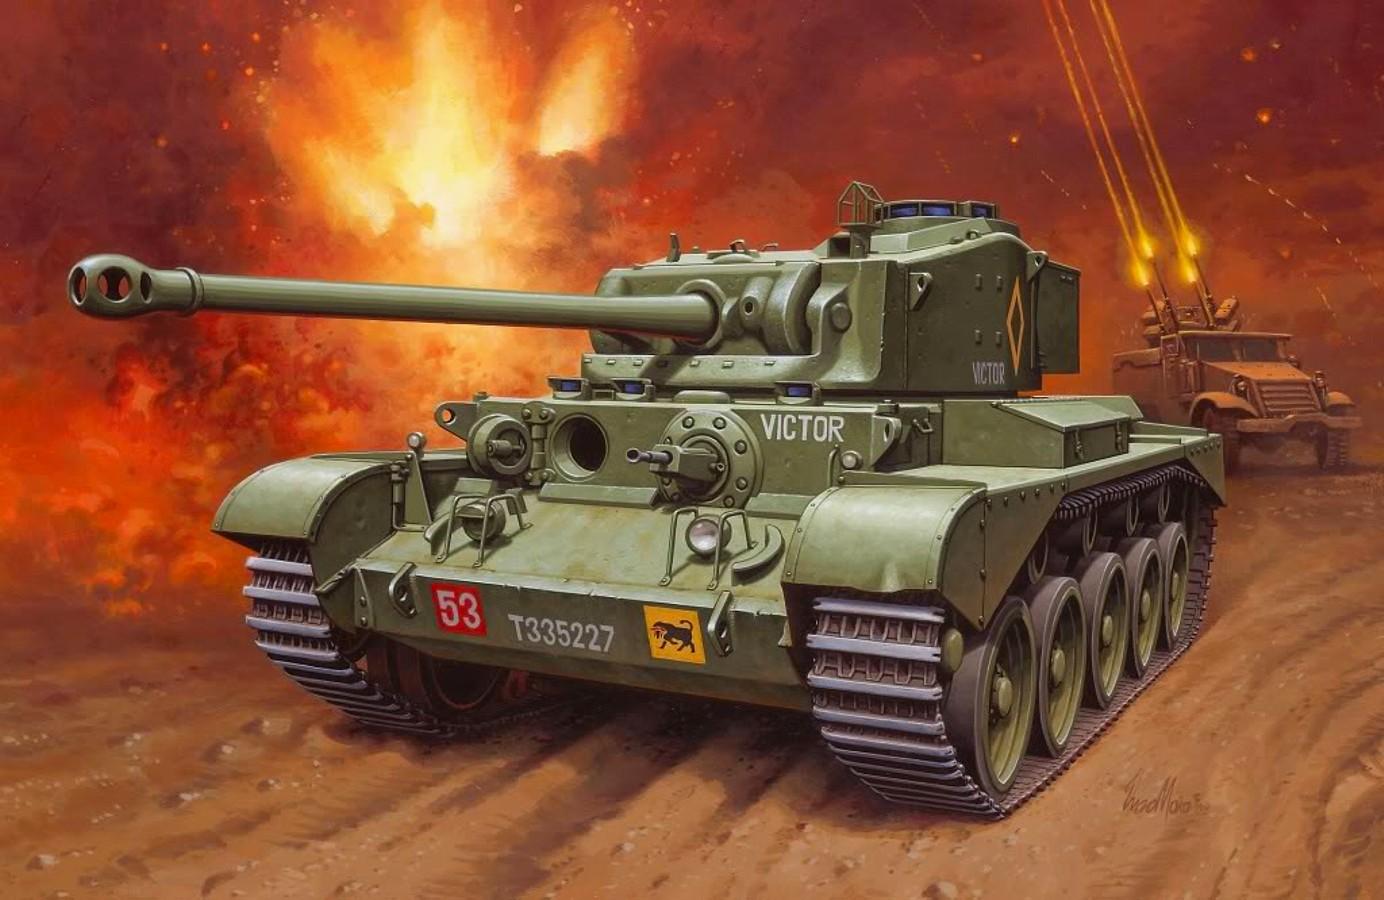 Танк в бою, скачать фото, обои для рабочего стола, танки